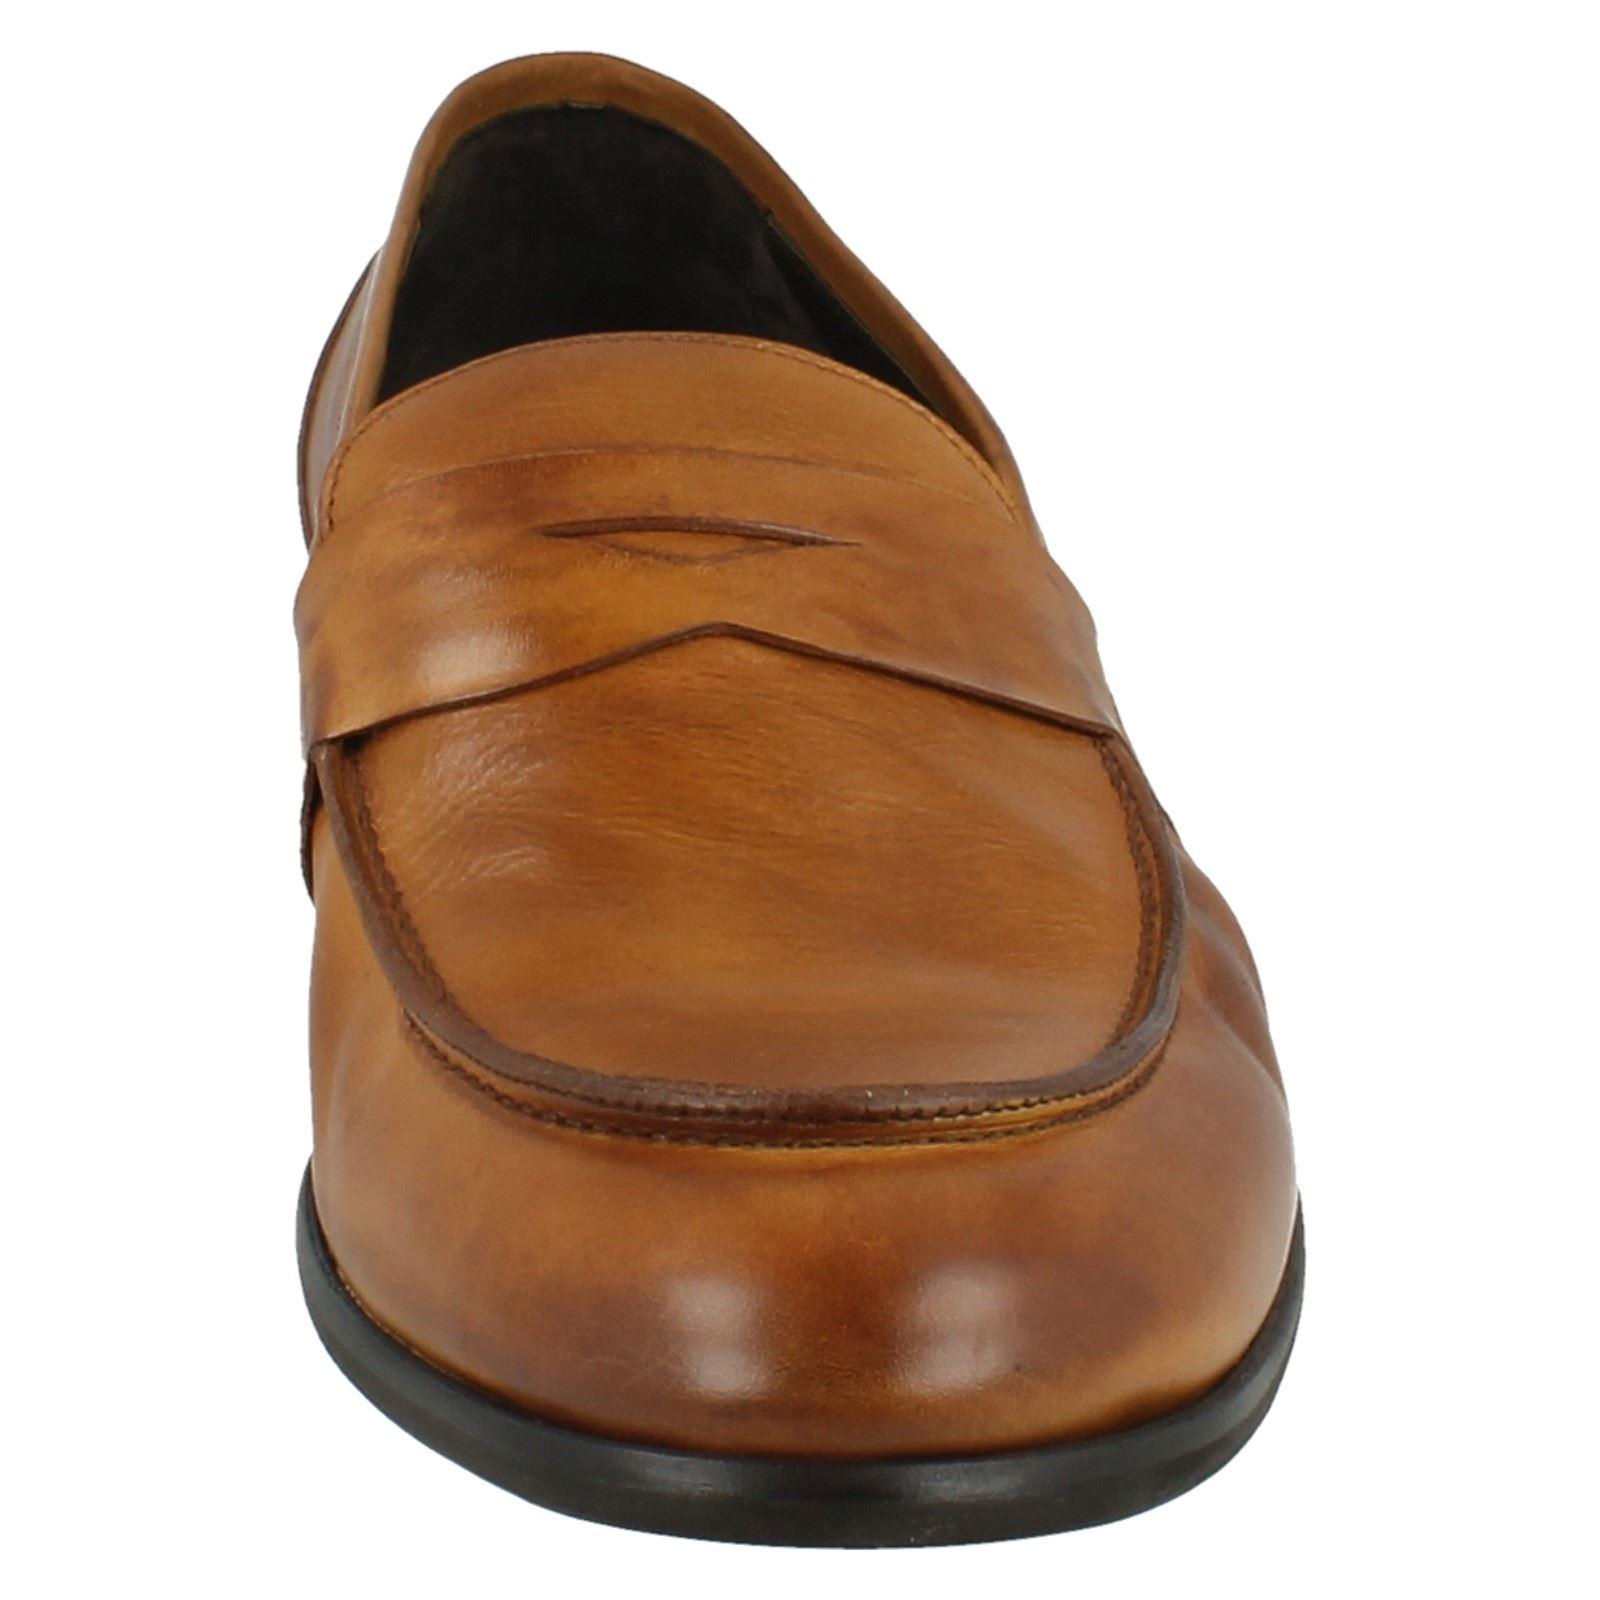 Zapatos para hombre Morena Gabbrielli Gabbrielli Gabbrielli el estilo-LV-B2134 d4d7ac